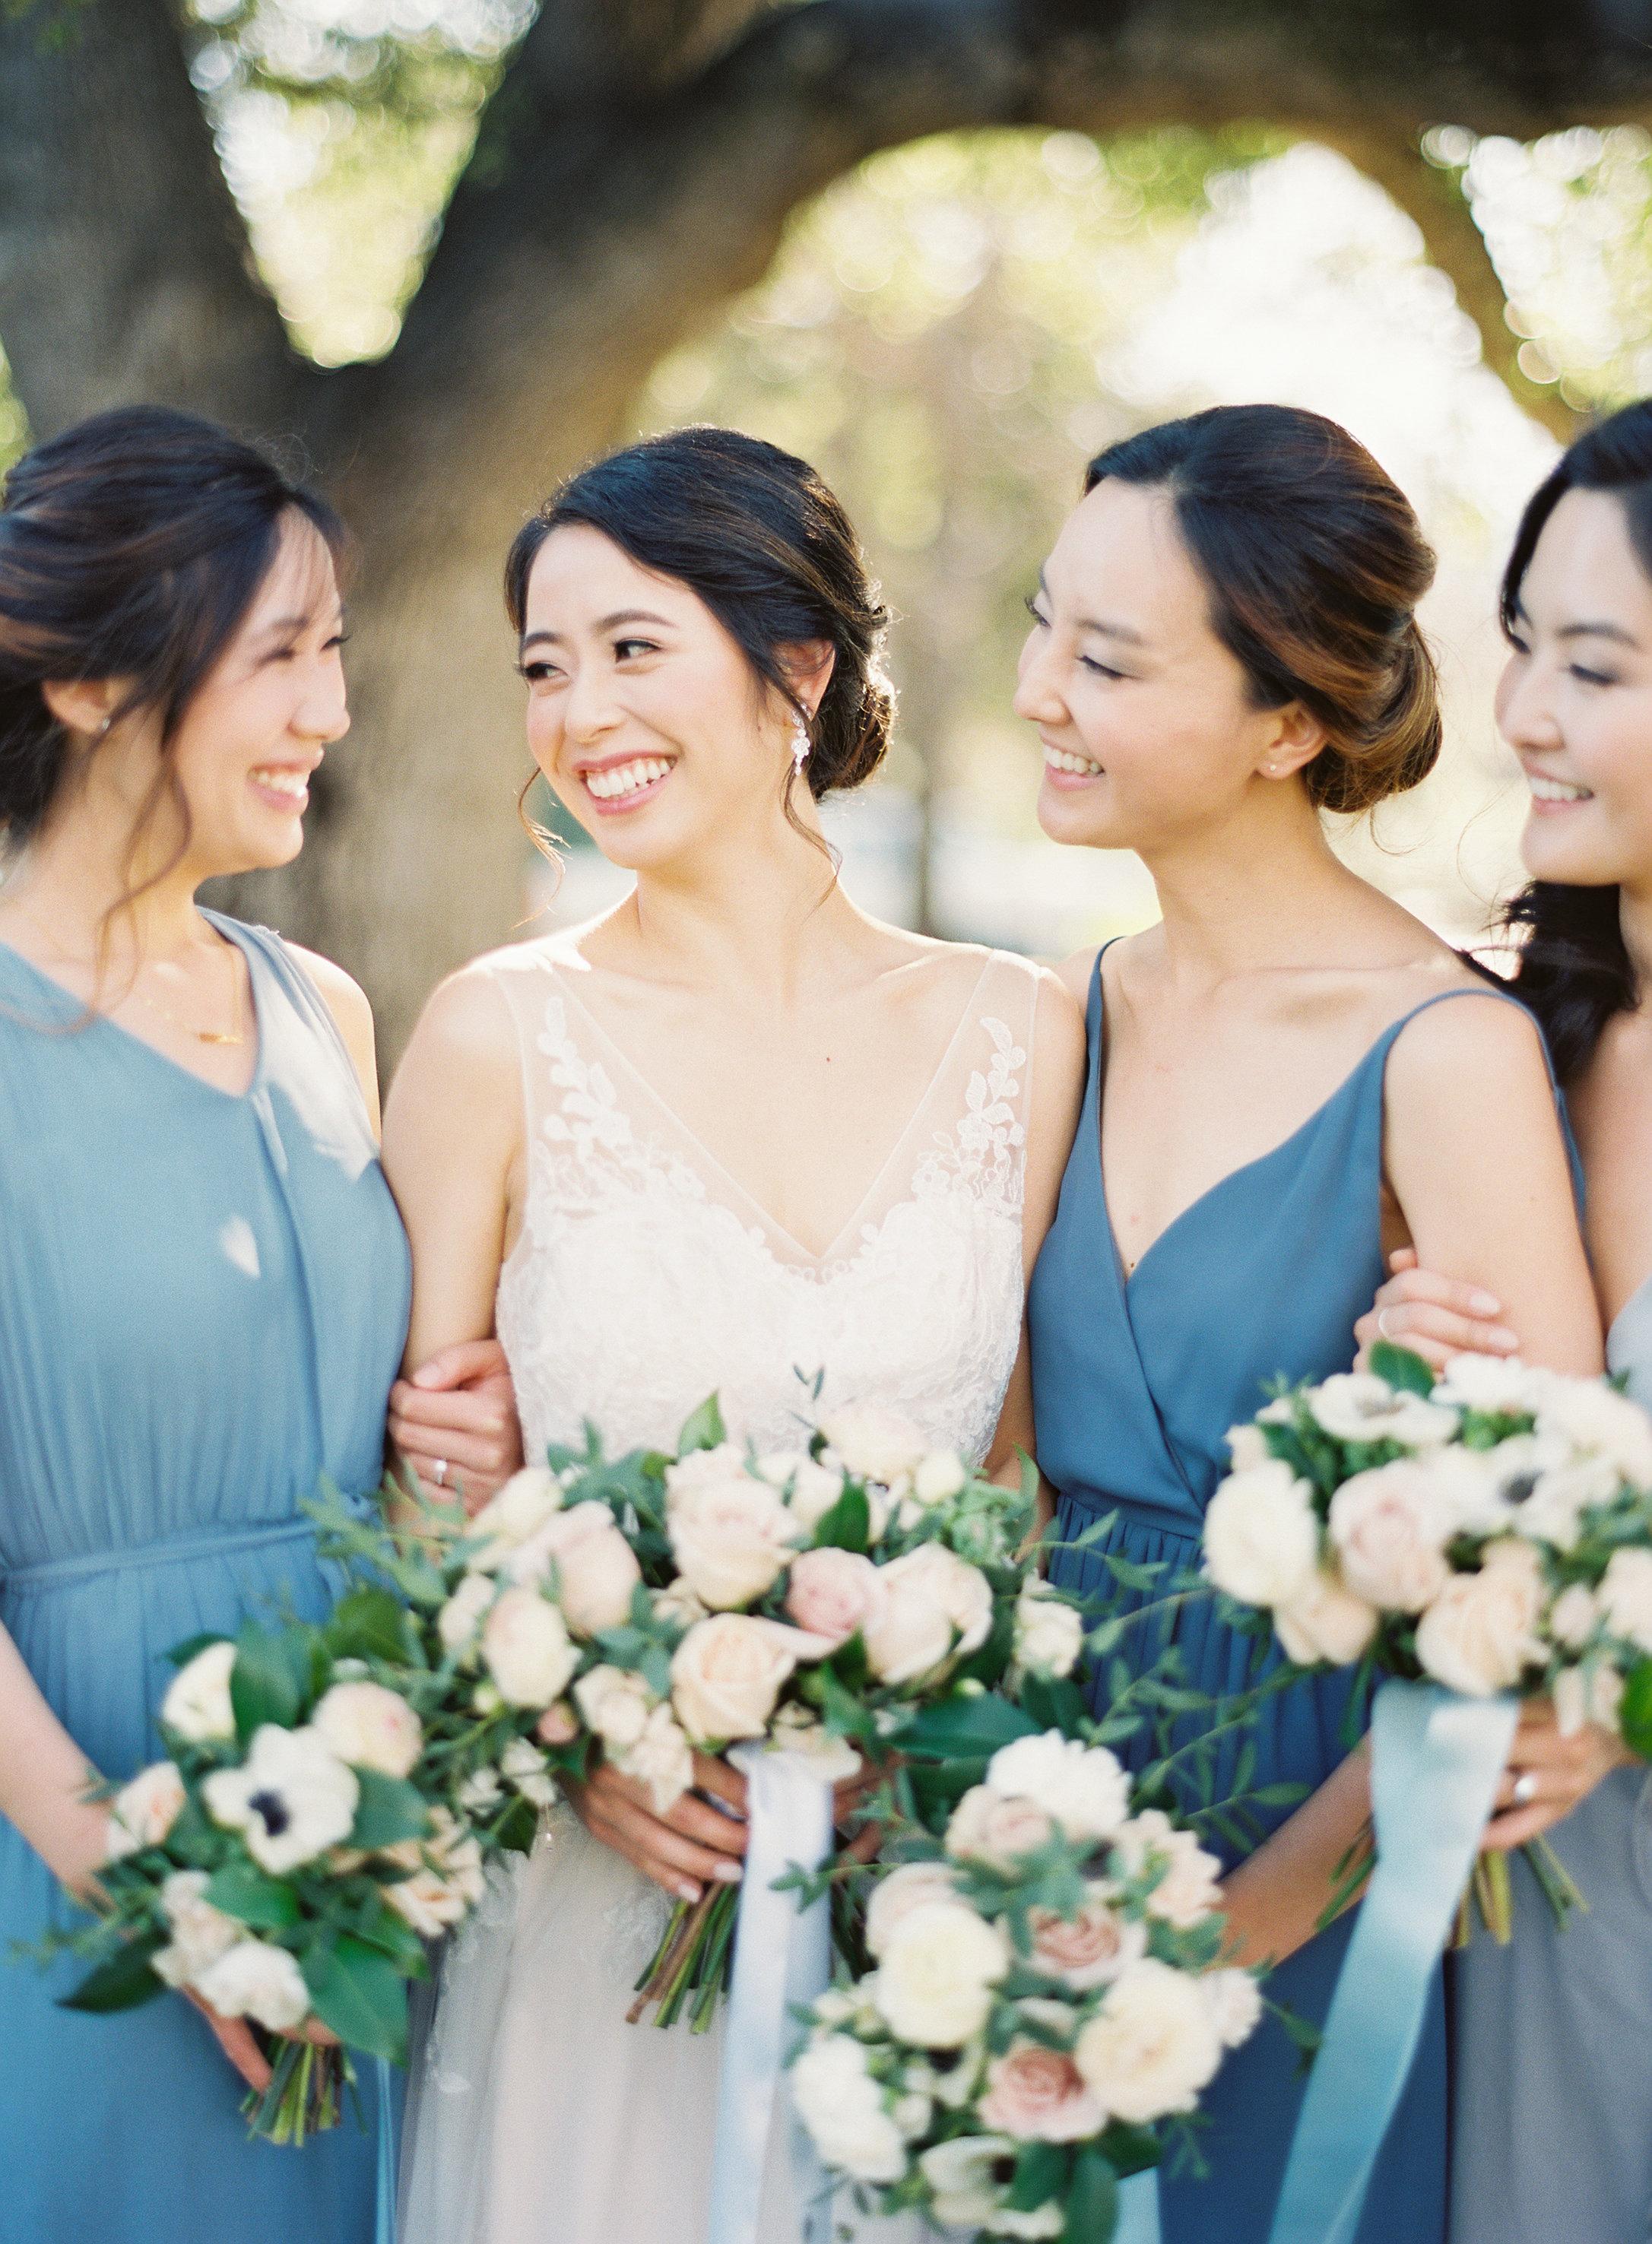 WeddingParty_038.jpg